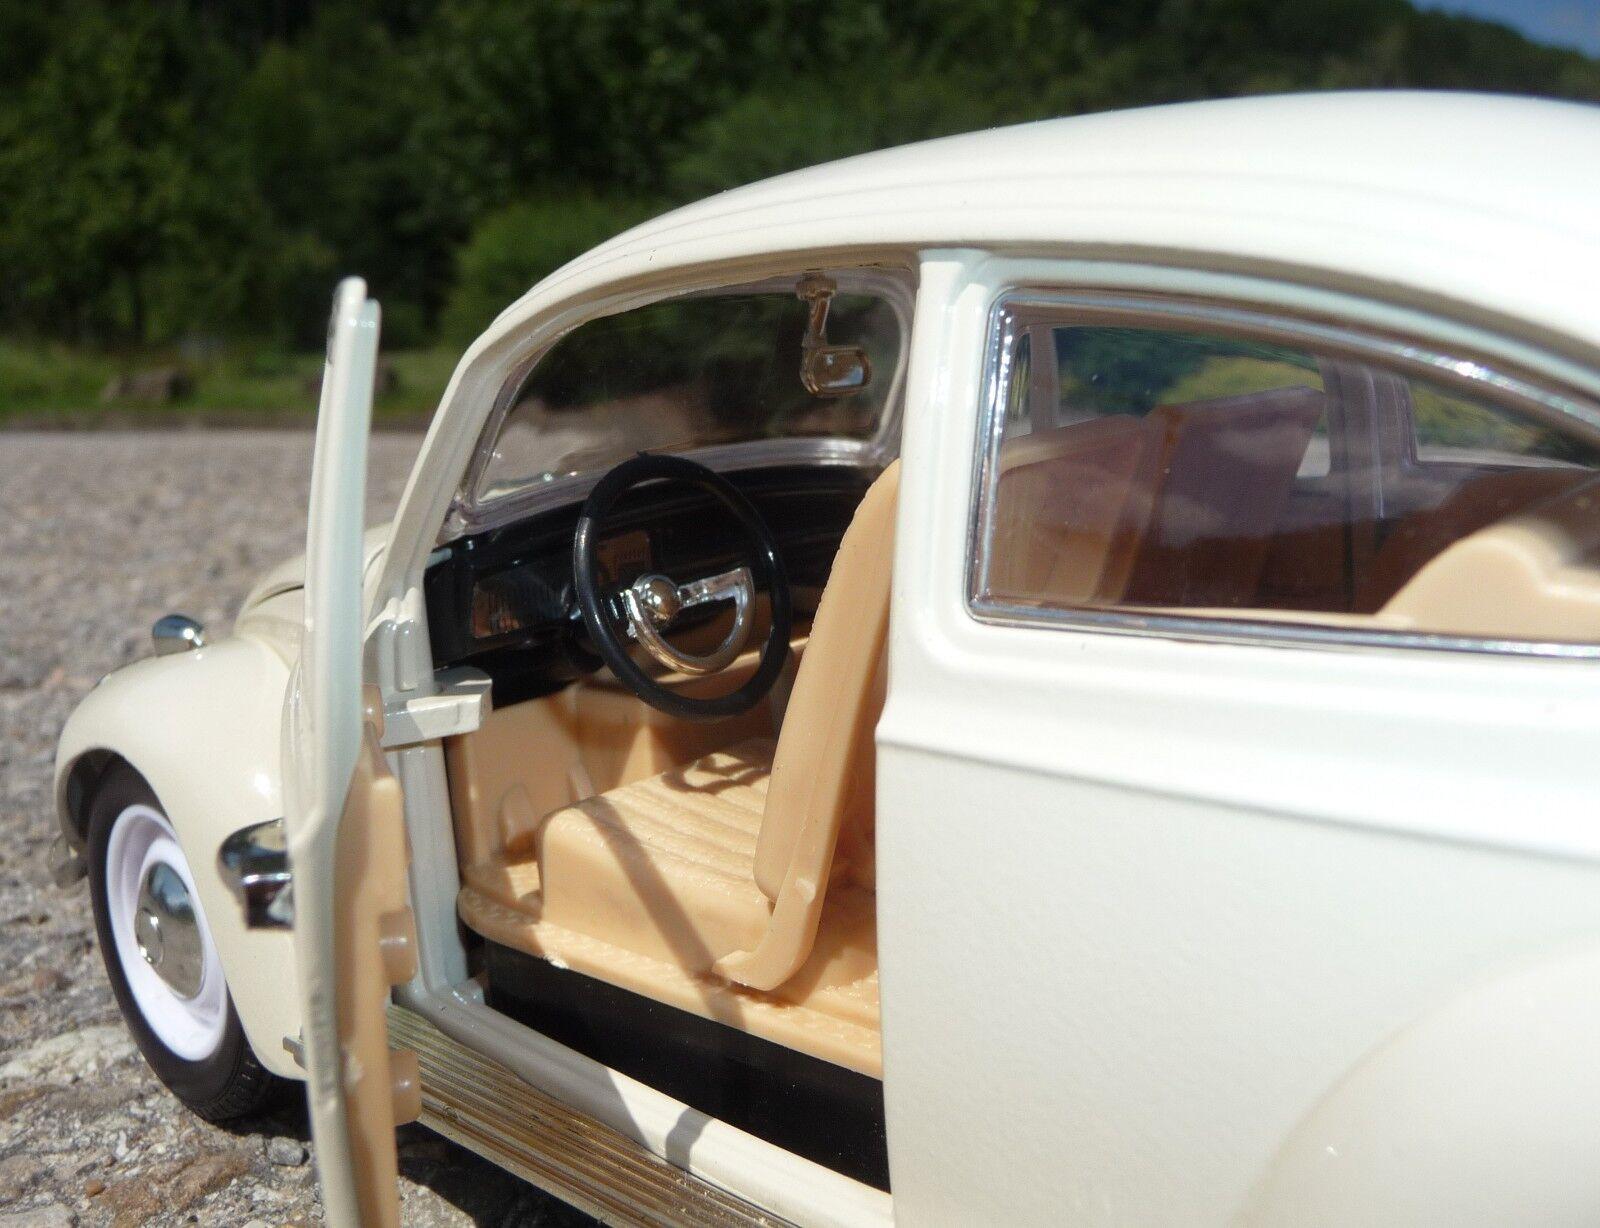 RC Modell VW Käfer Käfer Käfer 1300 Länge  23cm  Ferngesteuert 40MHz  403031 ae0a94